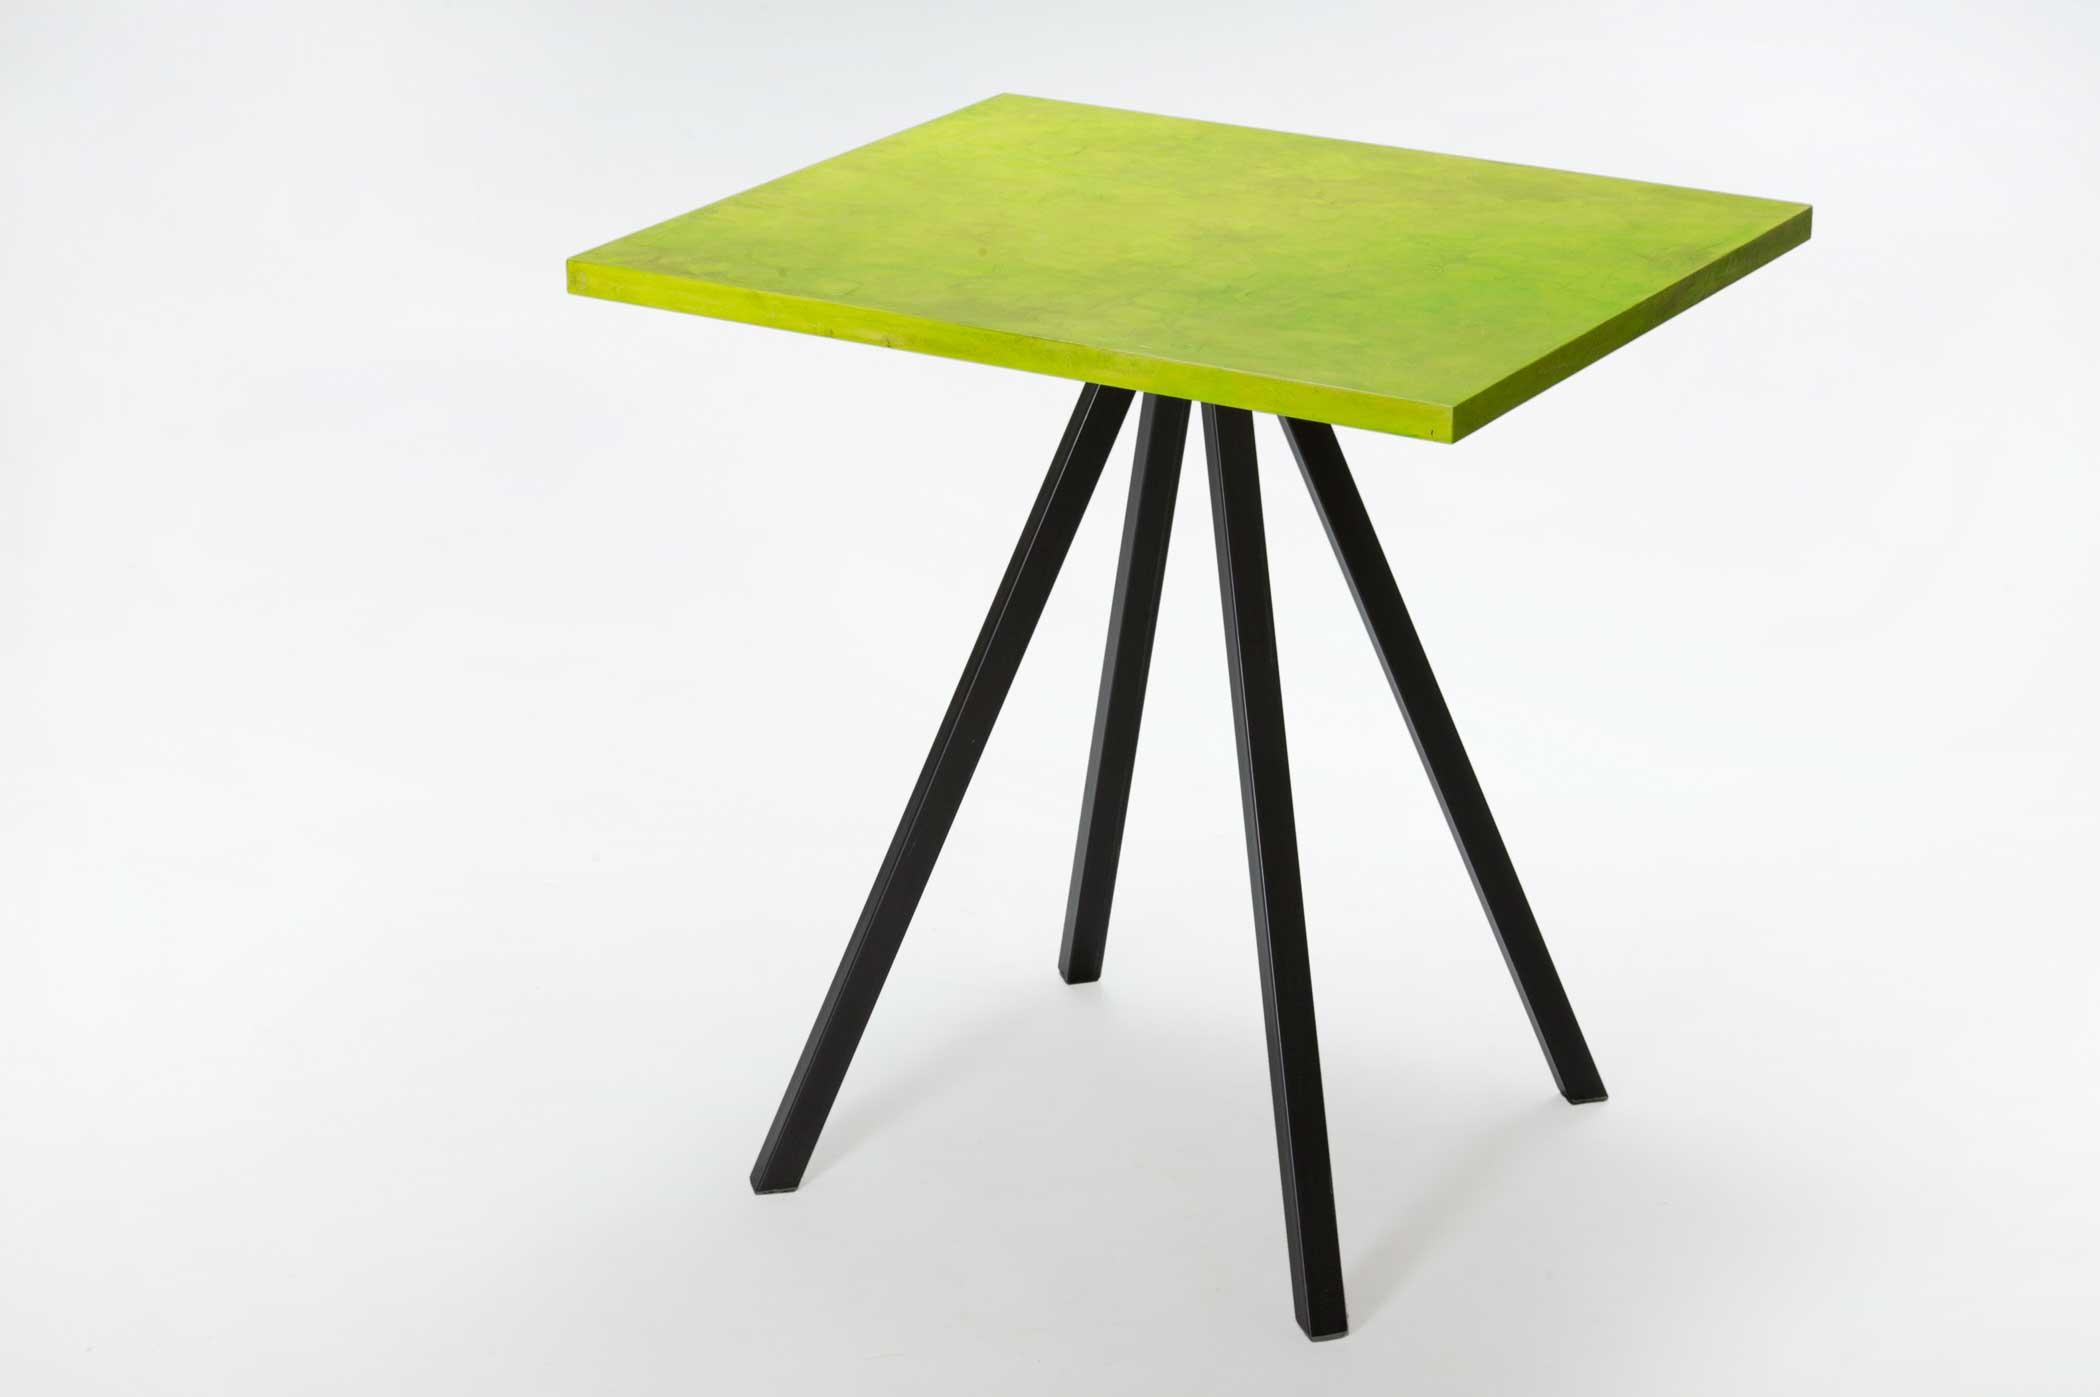 Tavolo per bar con piano in legno e resina e gambe in ferro